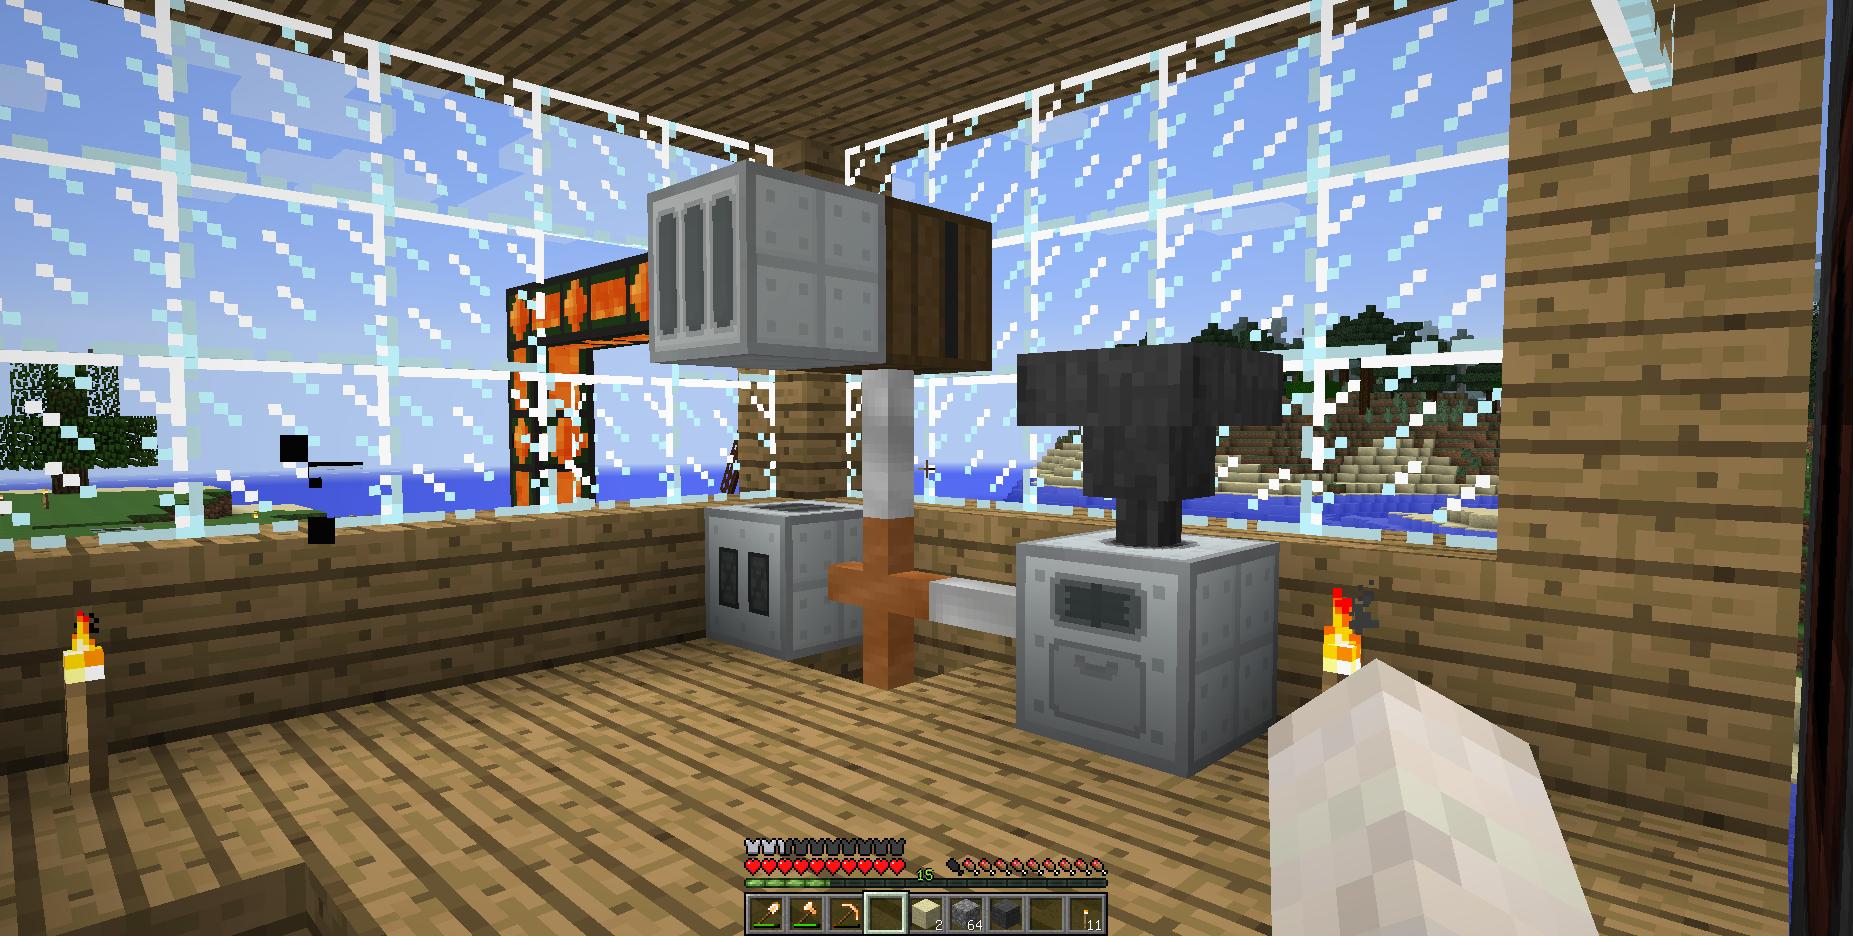 浮いているのが地熱発電機。奥に置いてあるのが金属加工機。金属かまどは1Fに置いてあるため、床を抜いて1Fに電線を伸ばしている